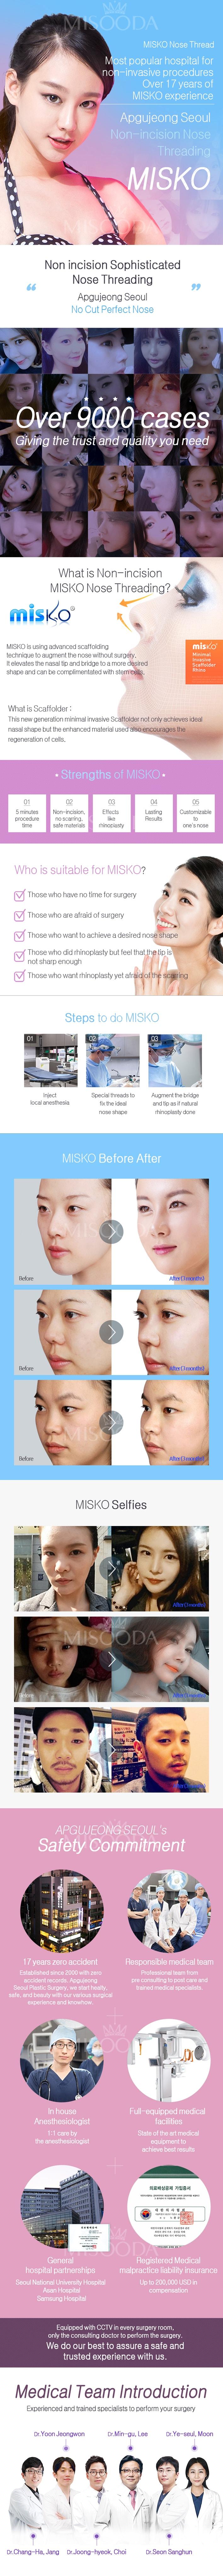 Non-incision Nose Threading MISKO